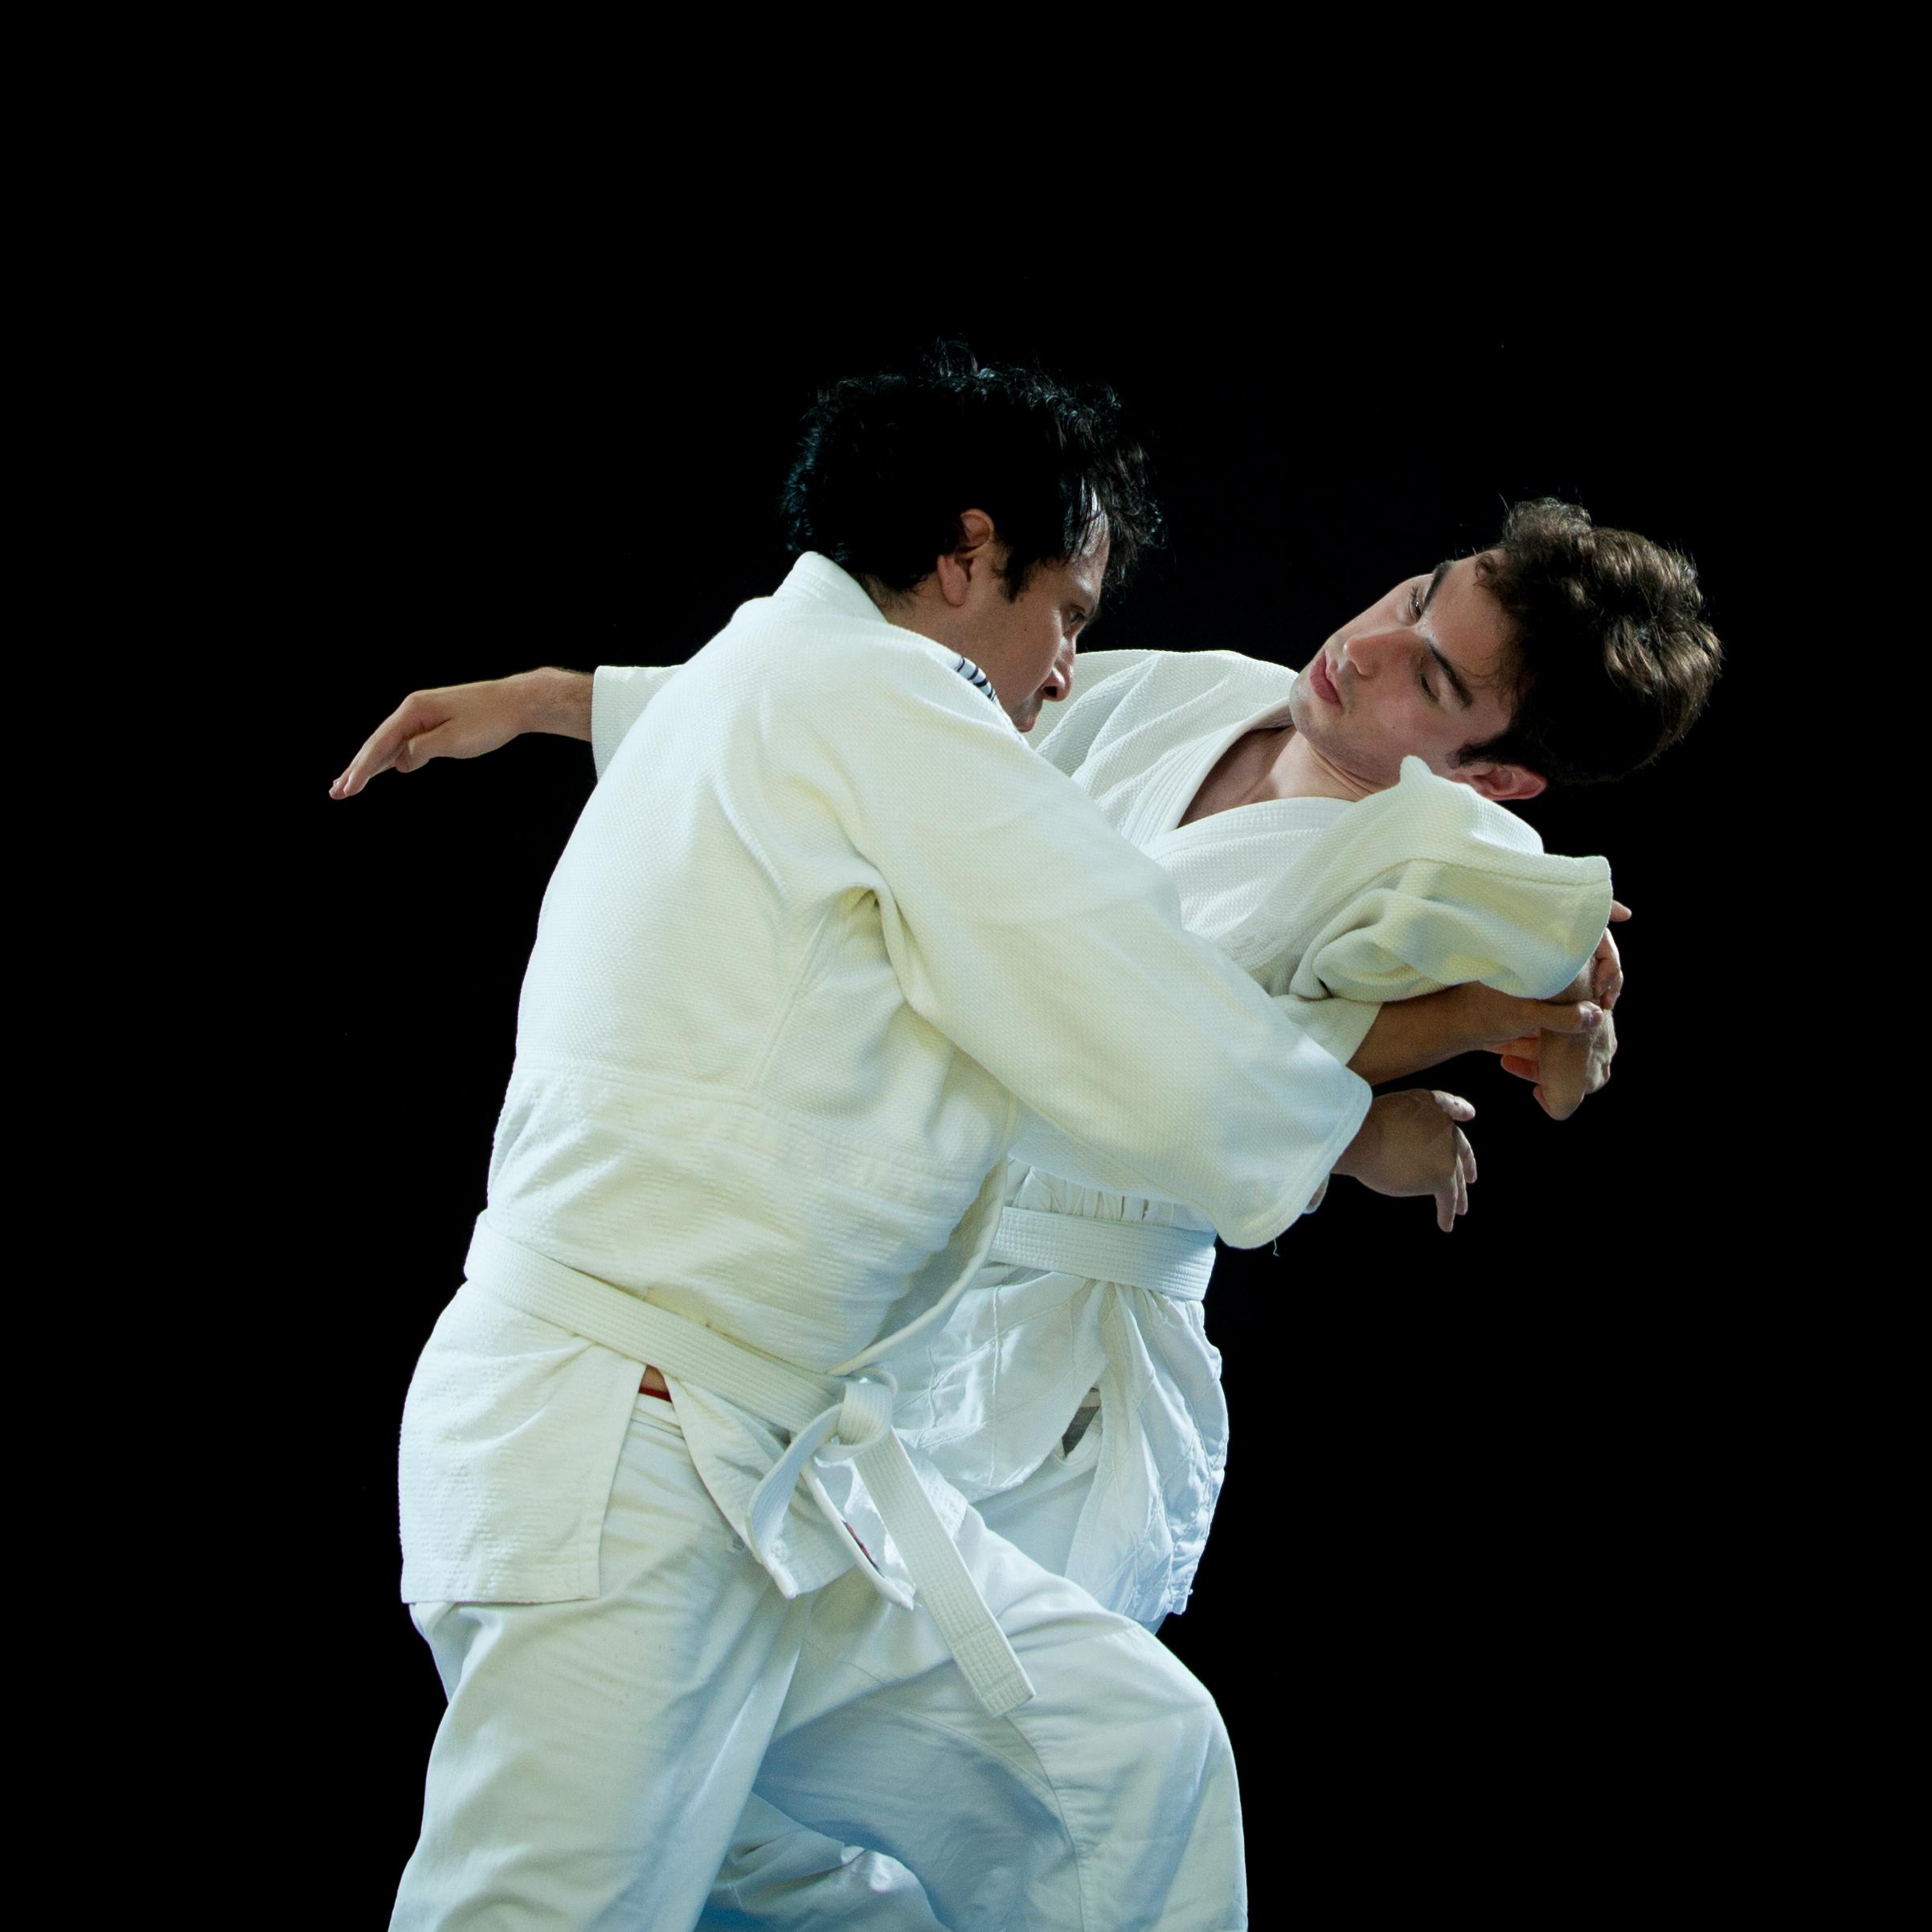 aikido-77.jpg